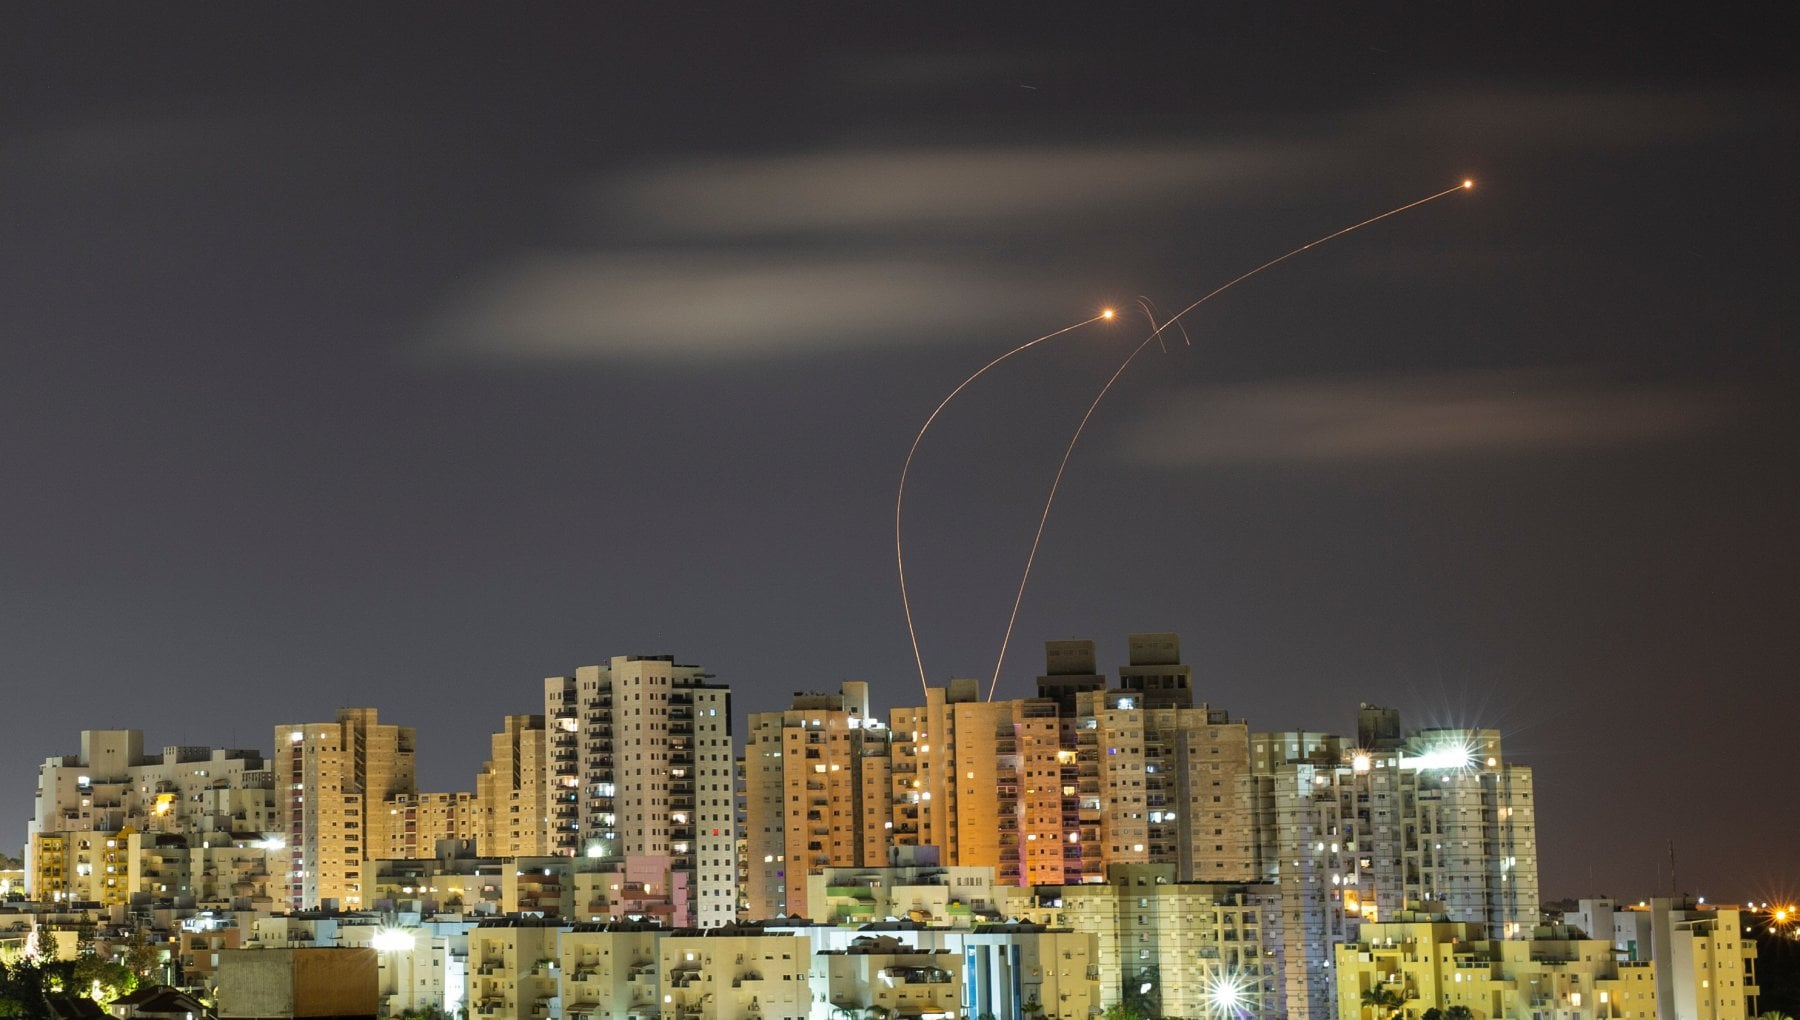 """005217150 cbf7d35e f99e 4416 8871 f3de0bbc6a35 - Medio Oriente, scatta la tregua. Netanyahu: """"Cambiate le regole del gioco"""". Scontri sulla spianata delle moschee"""